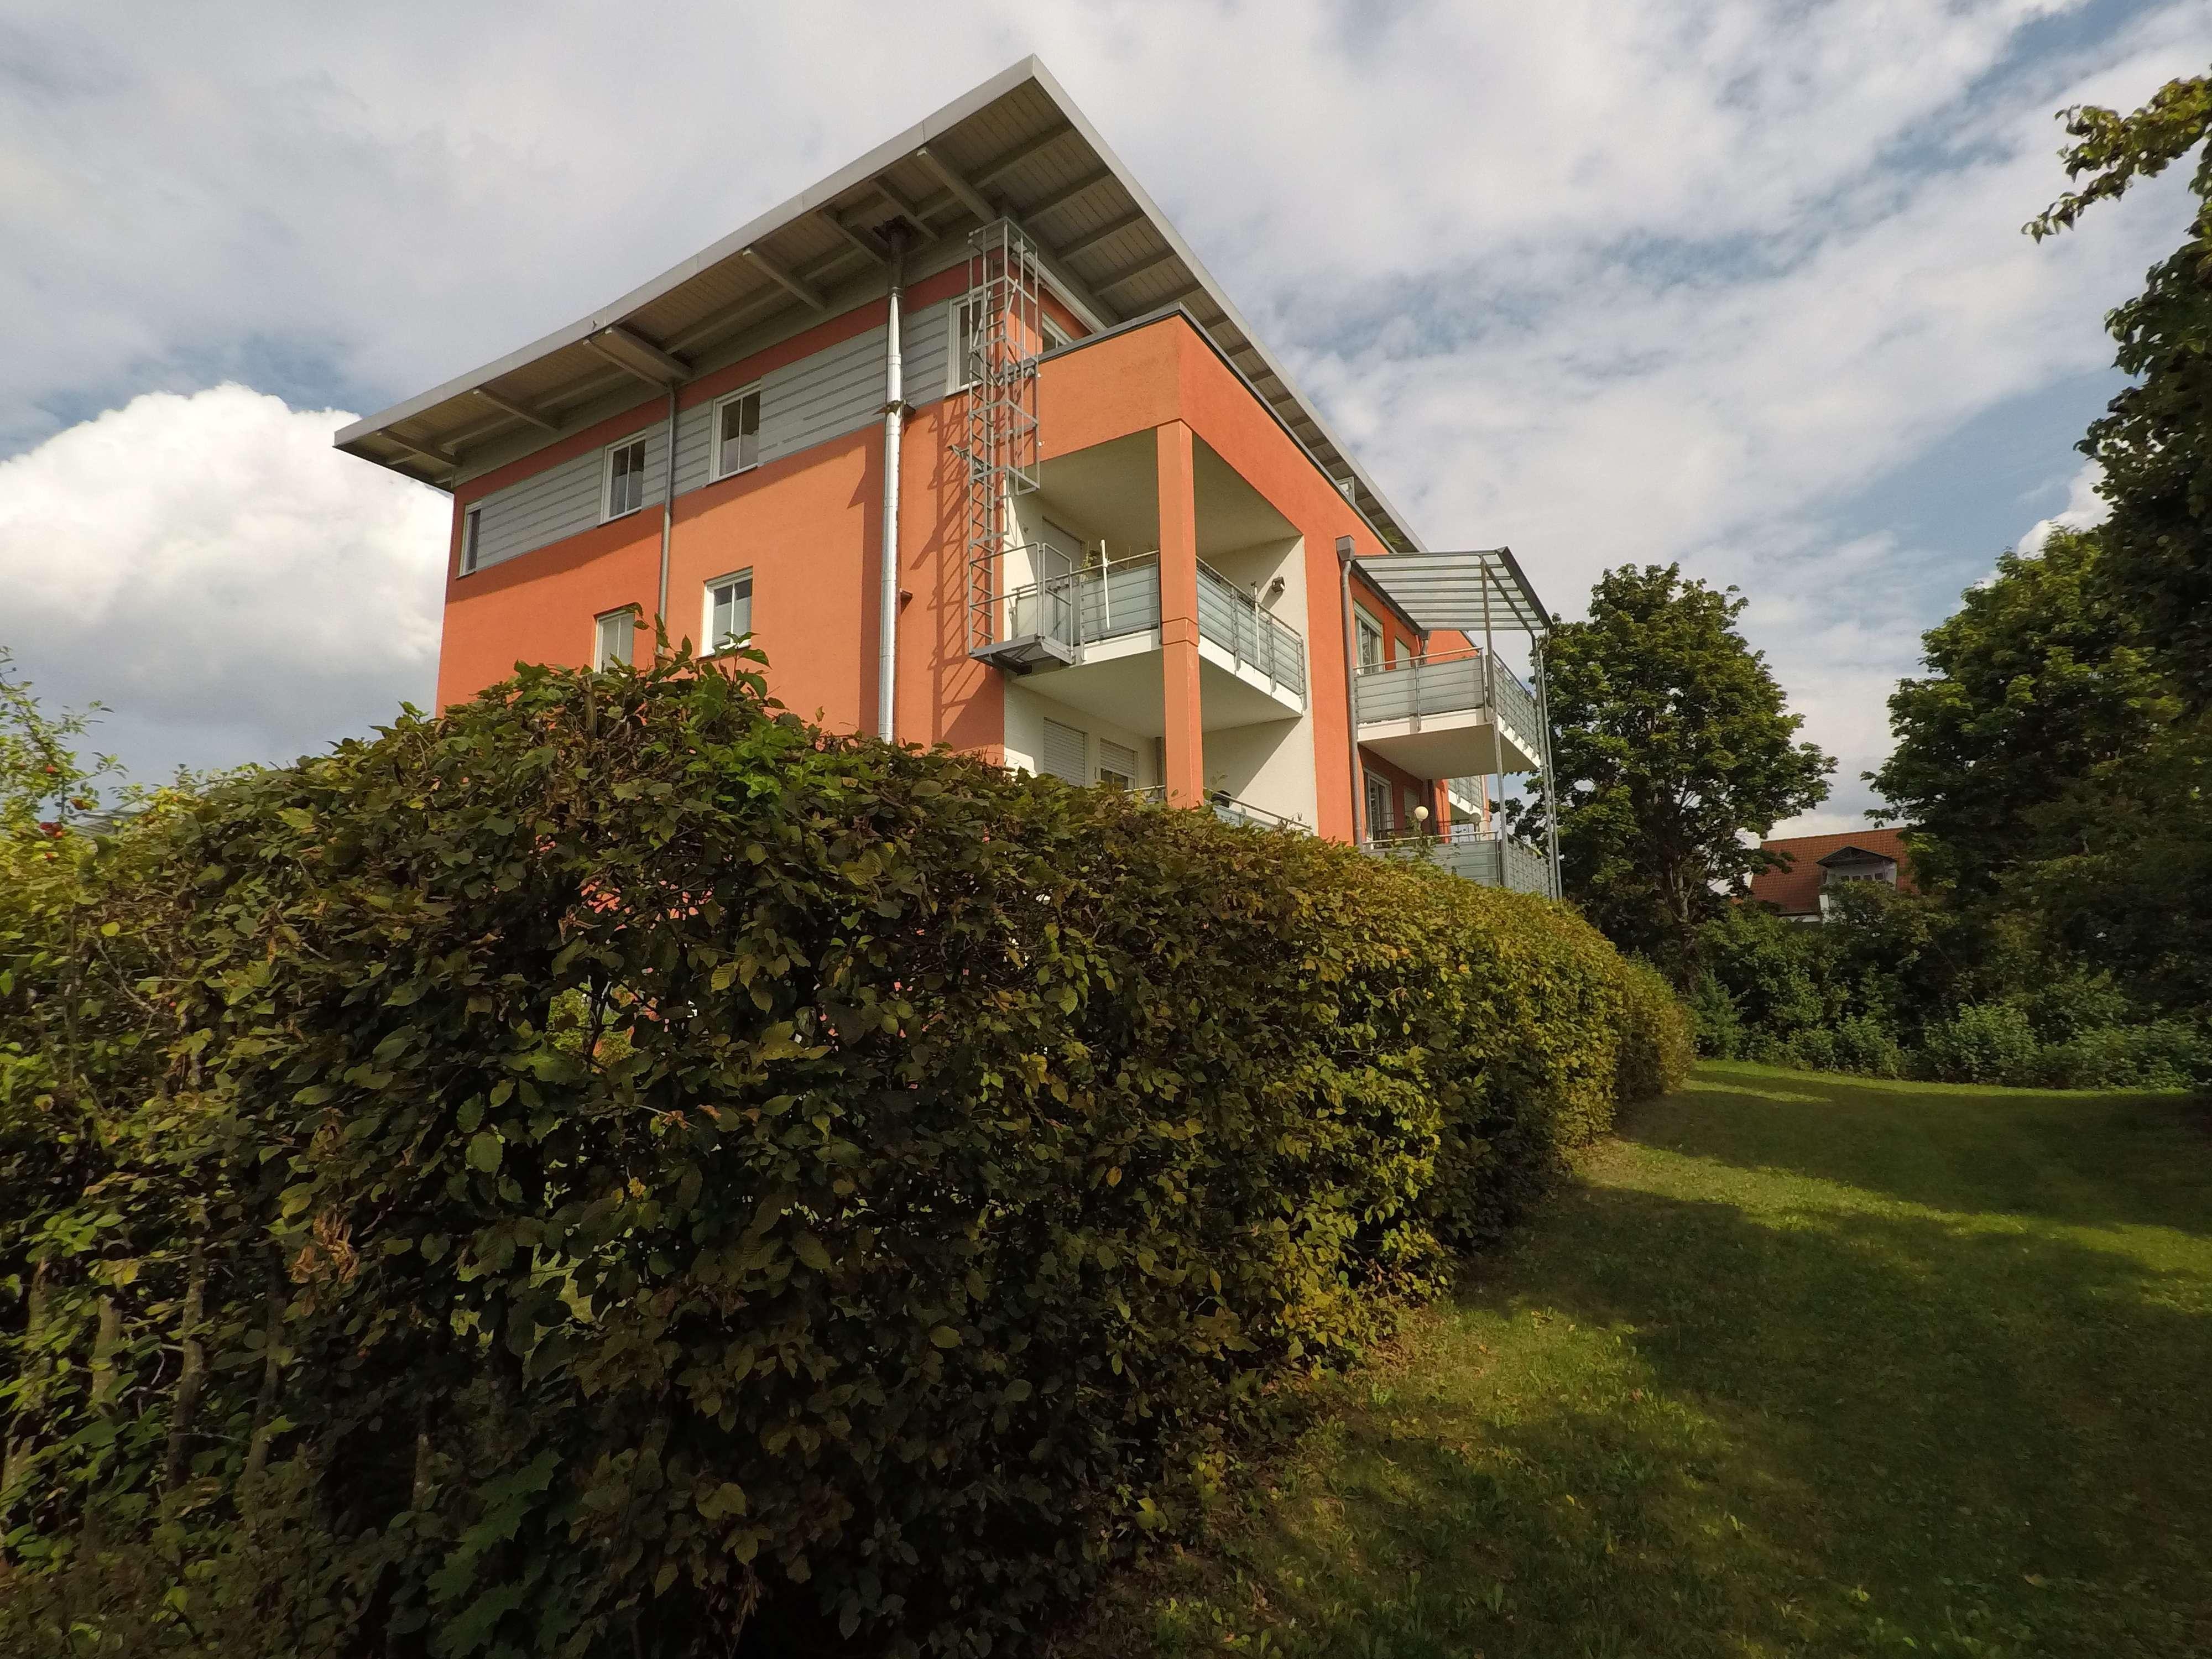 Traumhafte 3-Zimmer Dachgeschoßwohnung mit toller Aussicht. in Poing